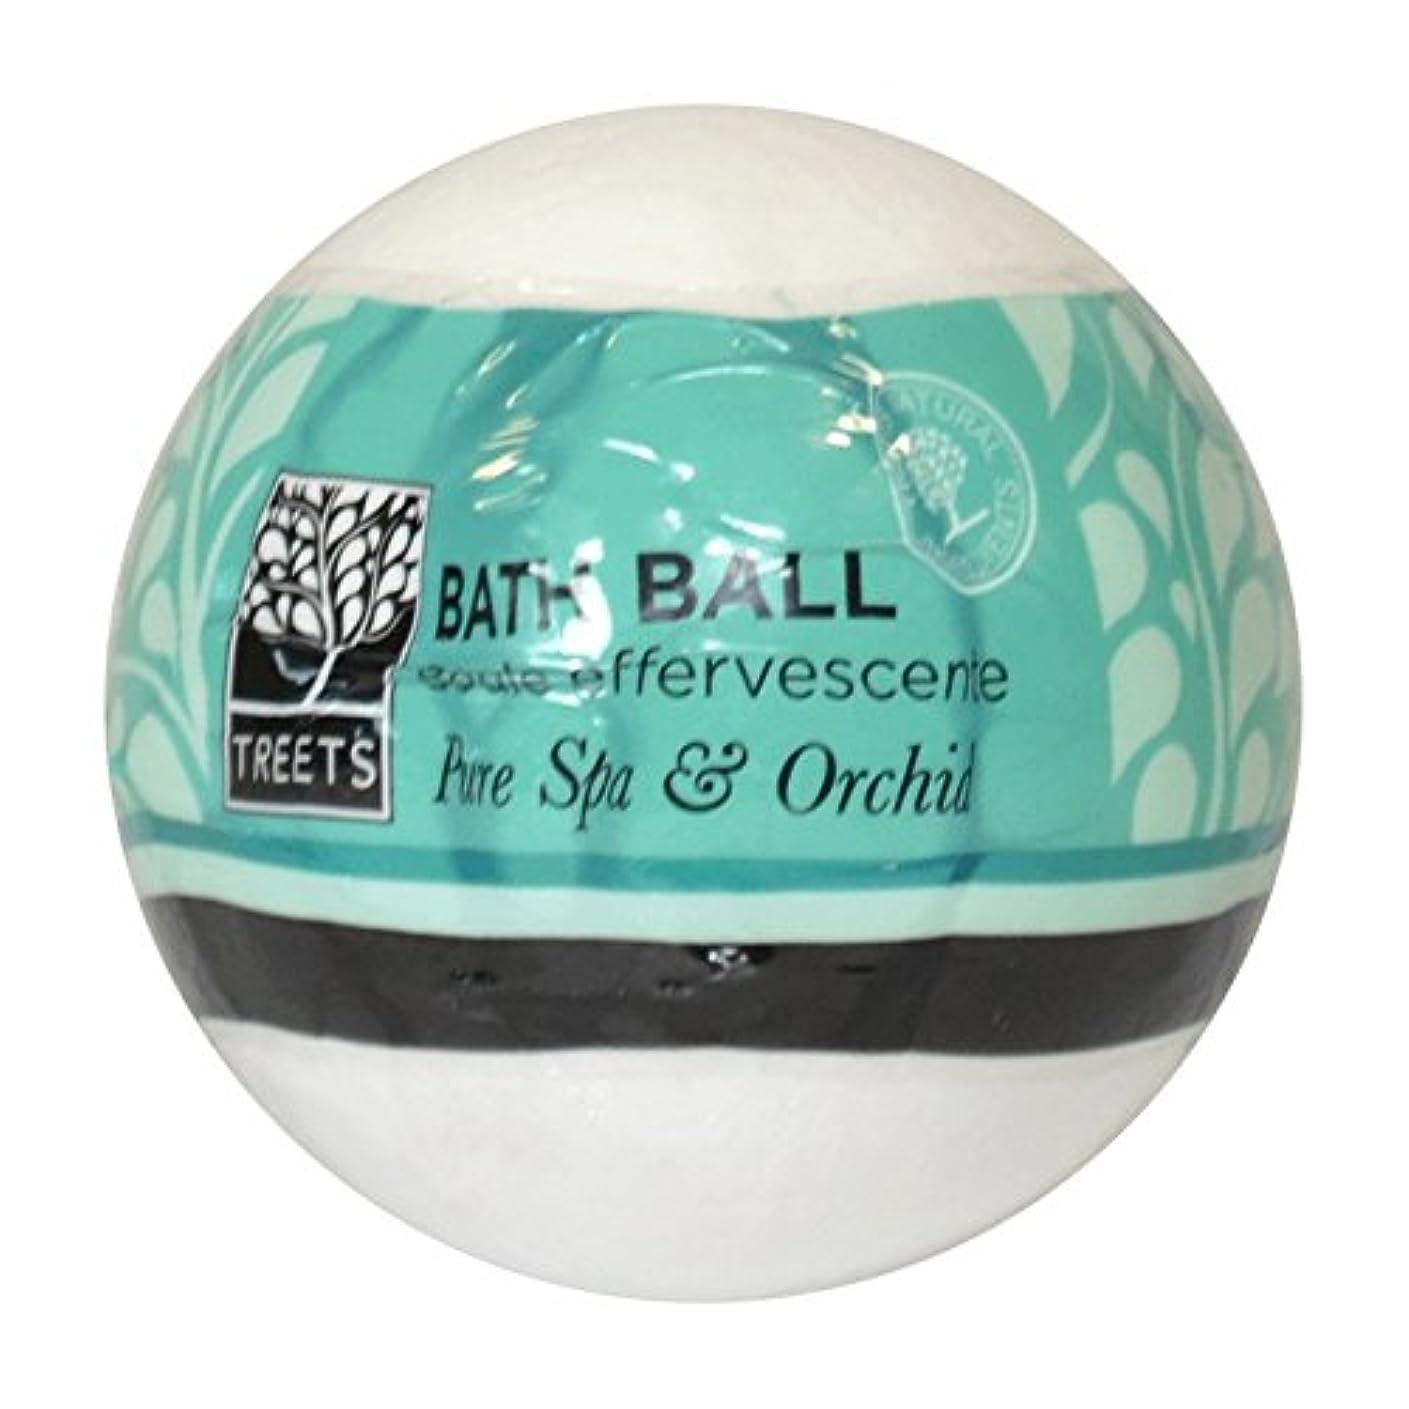 エキサイティング配管誘惑Treets蘭&純粋なスパバスボール - Treets Orchid & Pure Spa Bath Ball (Treets) [並行輸入品]